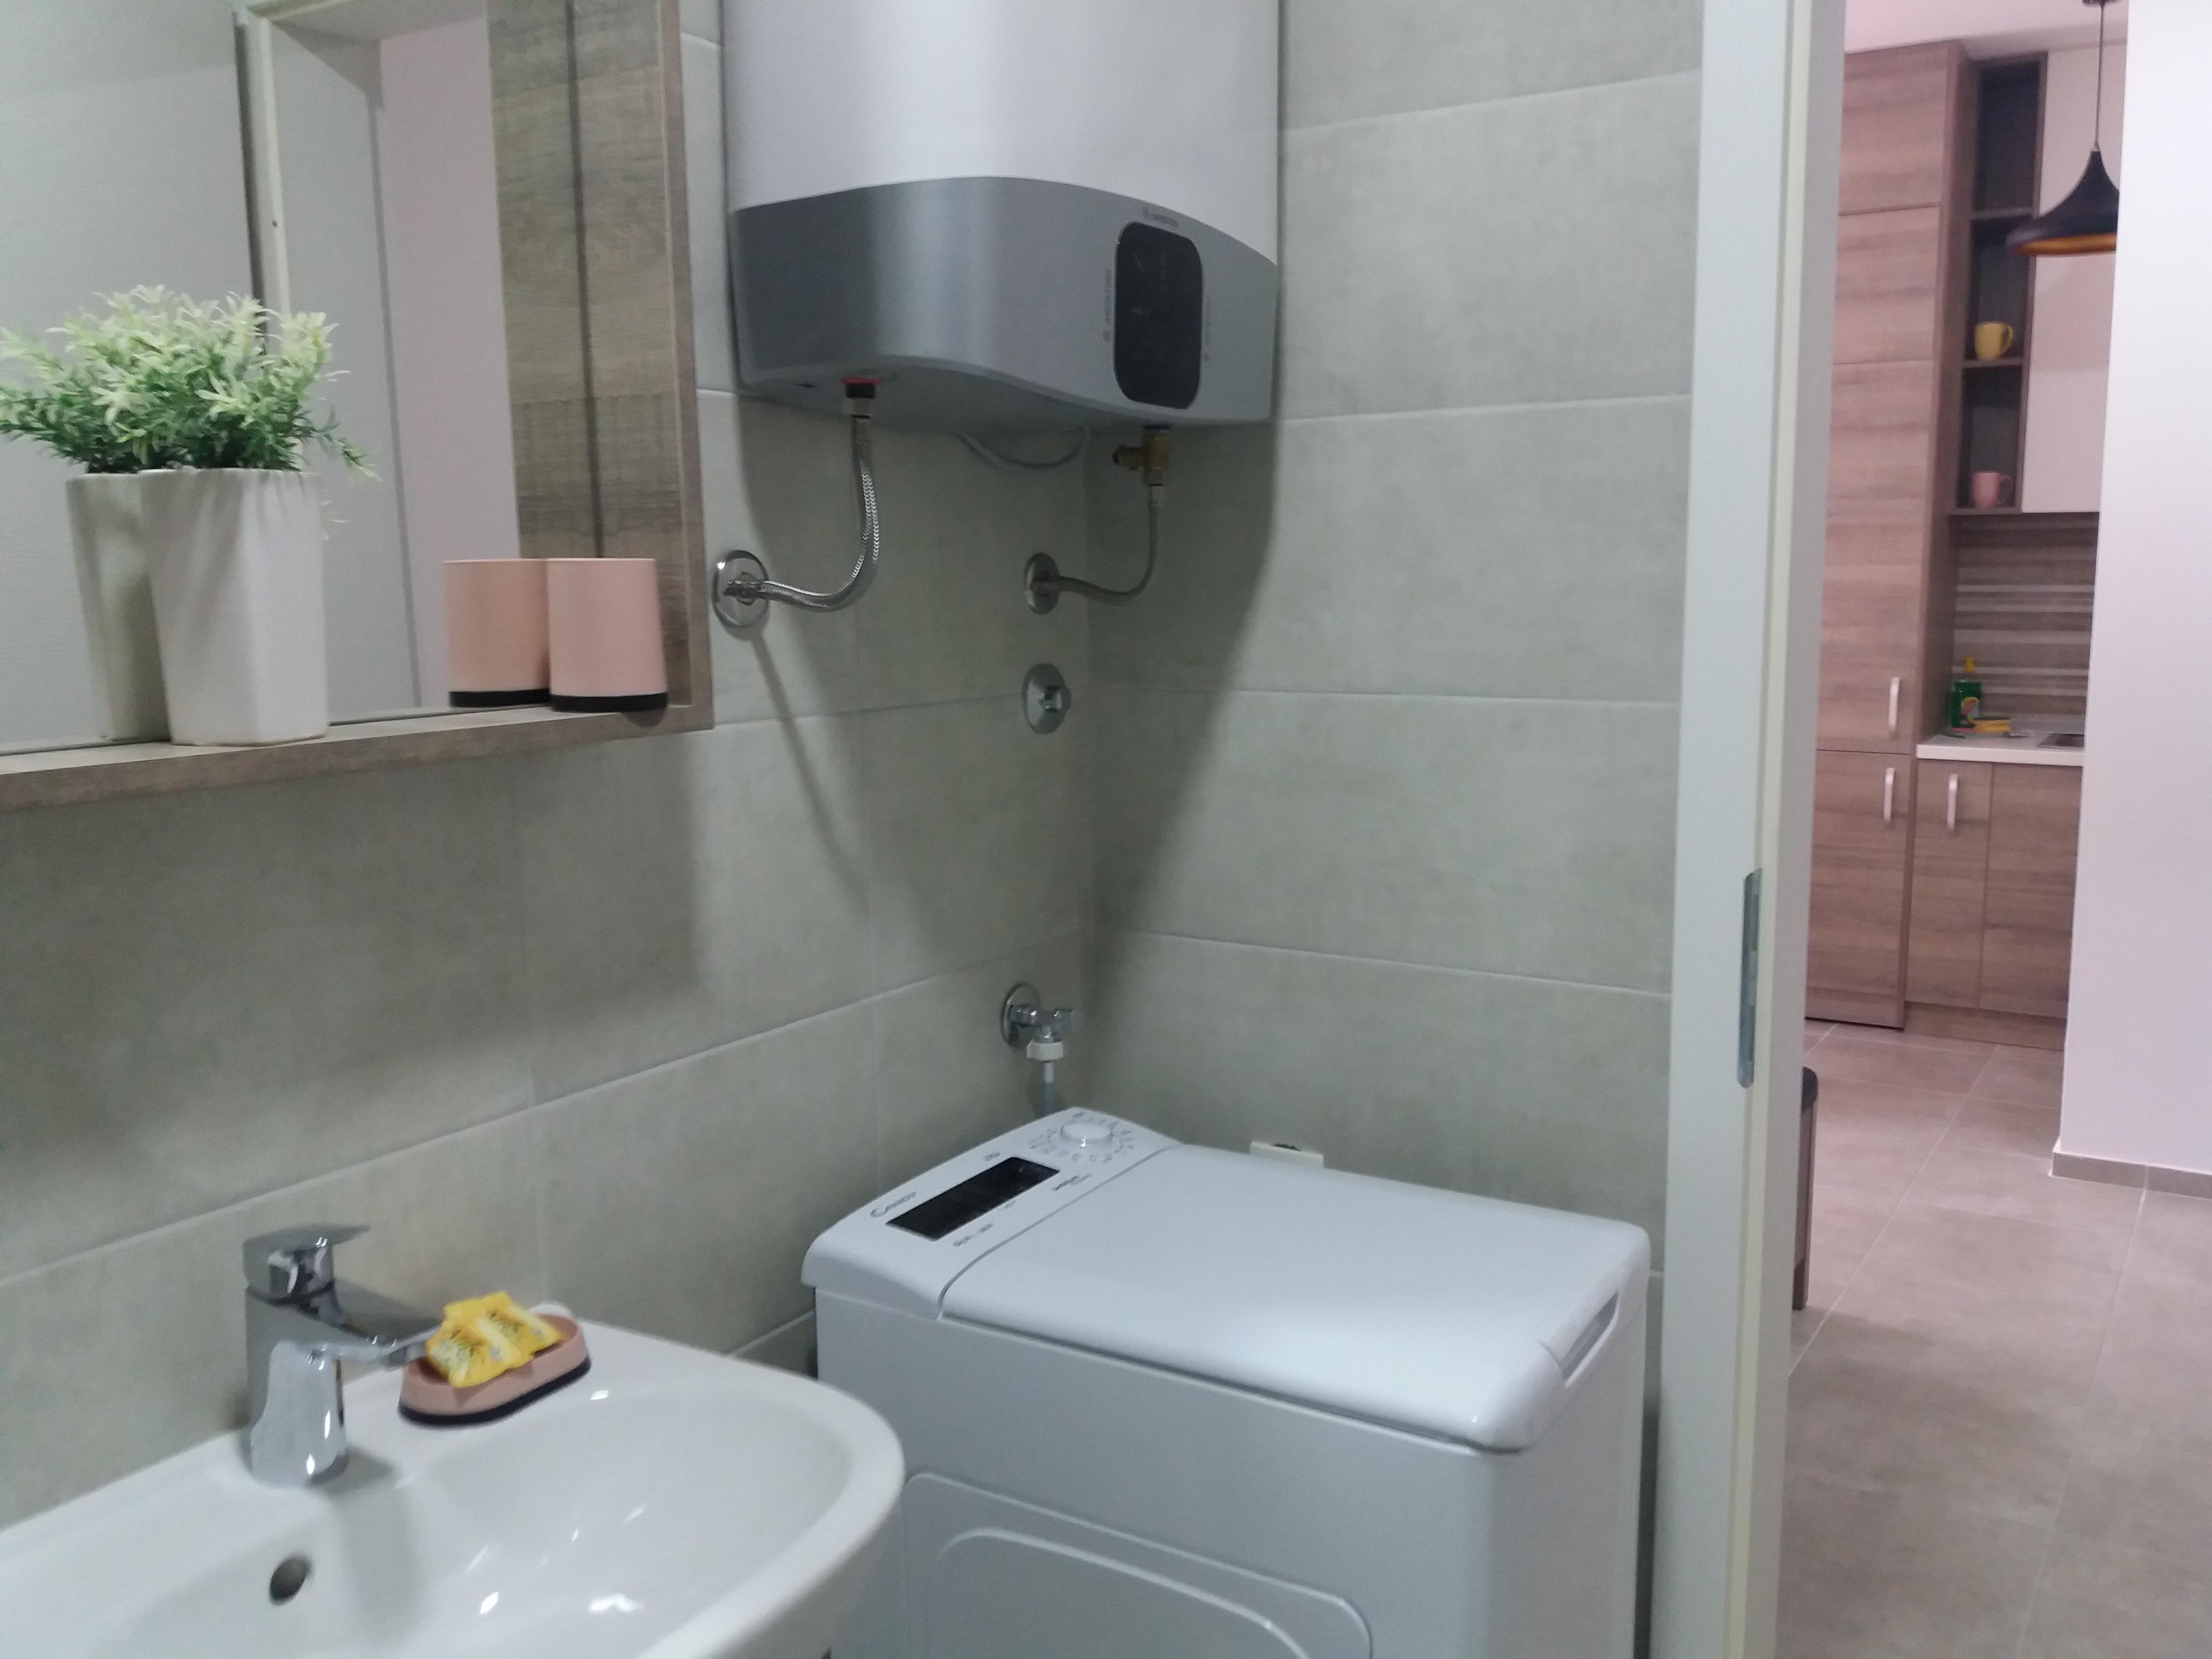 NewLine Montenegro - Luxury City one bedroom apartment C56 - Slika 5